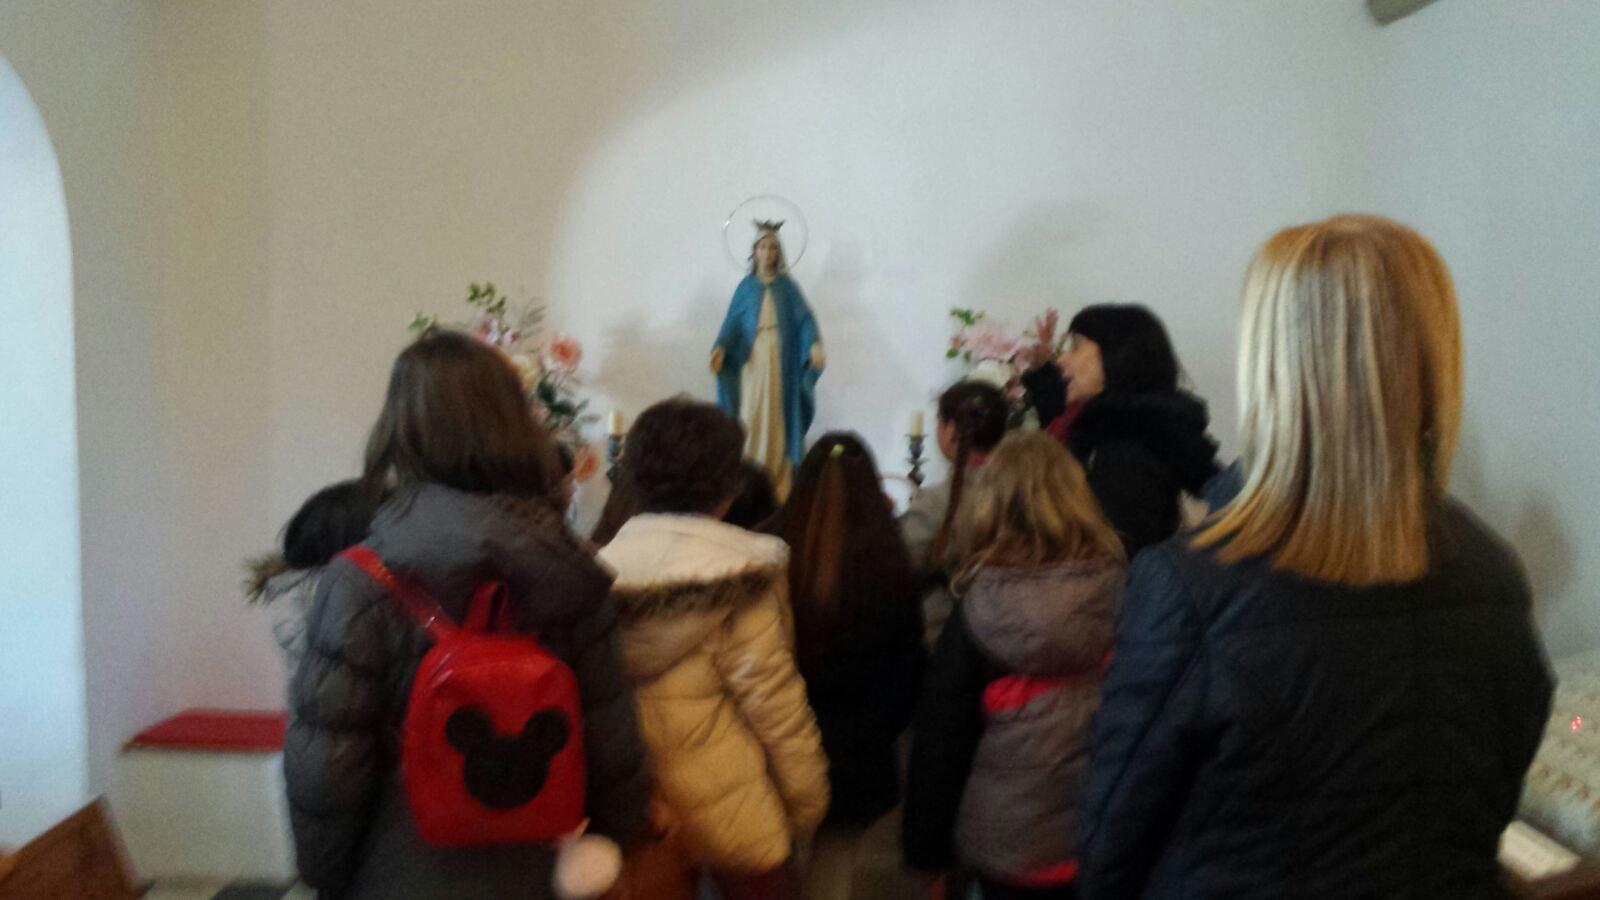 (2018-03-22) - Visita ermita alumnos Laura,3ºC, profesora religión Reina Sofia - Marzo -  María Isabel Berenguer Brotons (06)